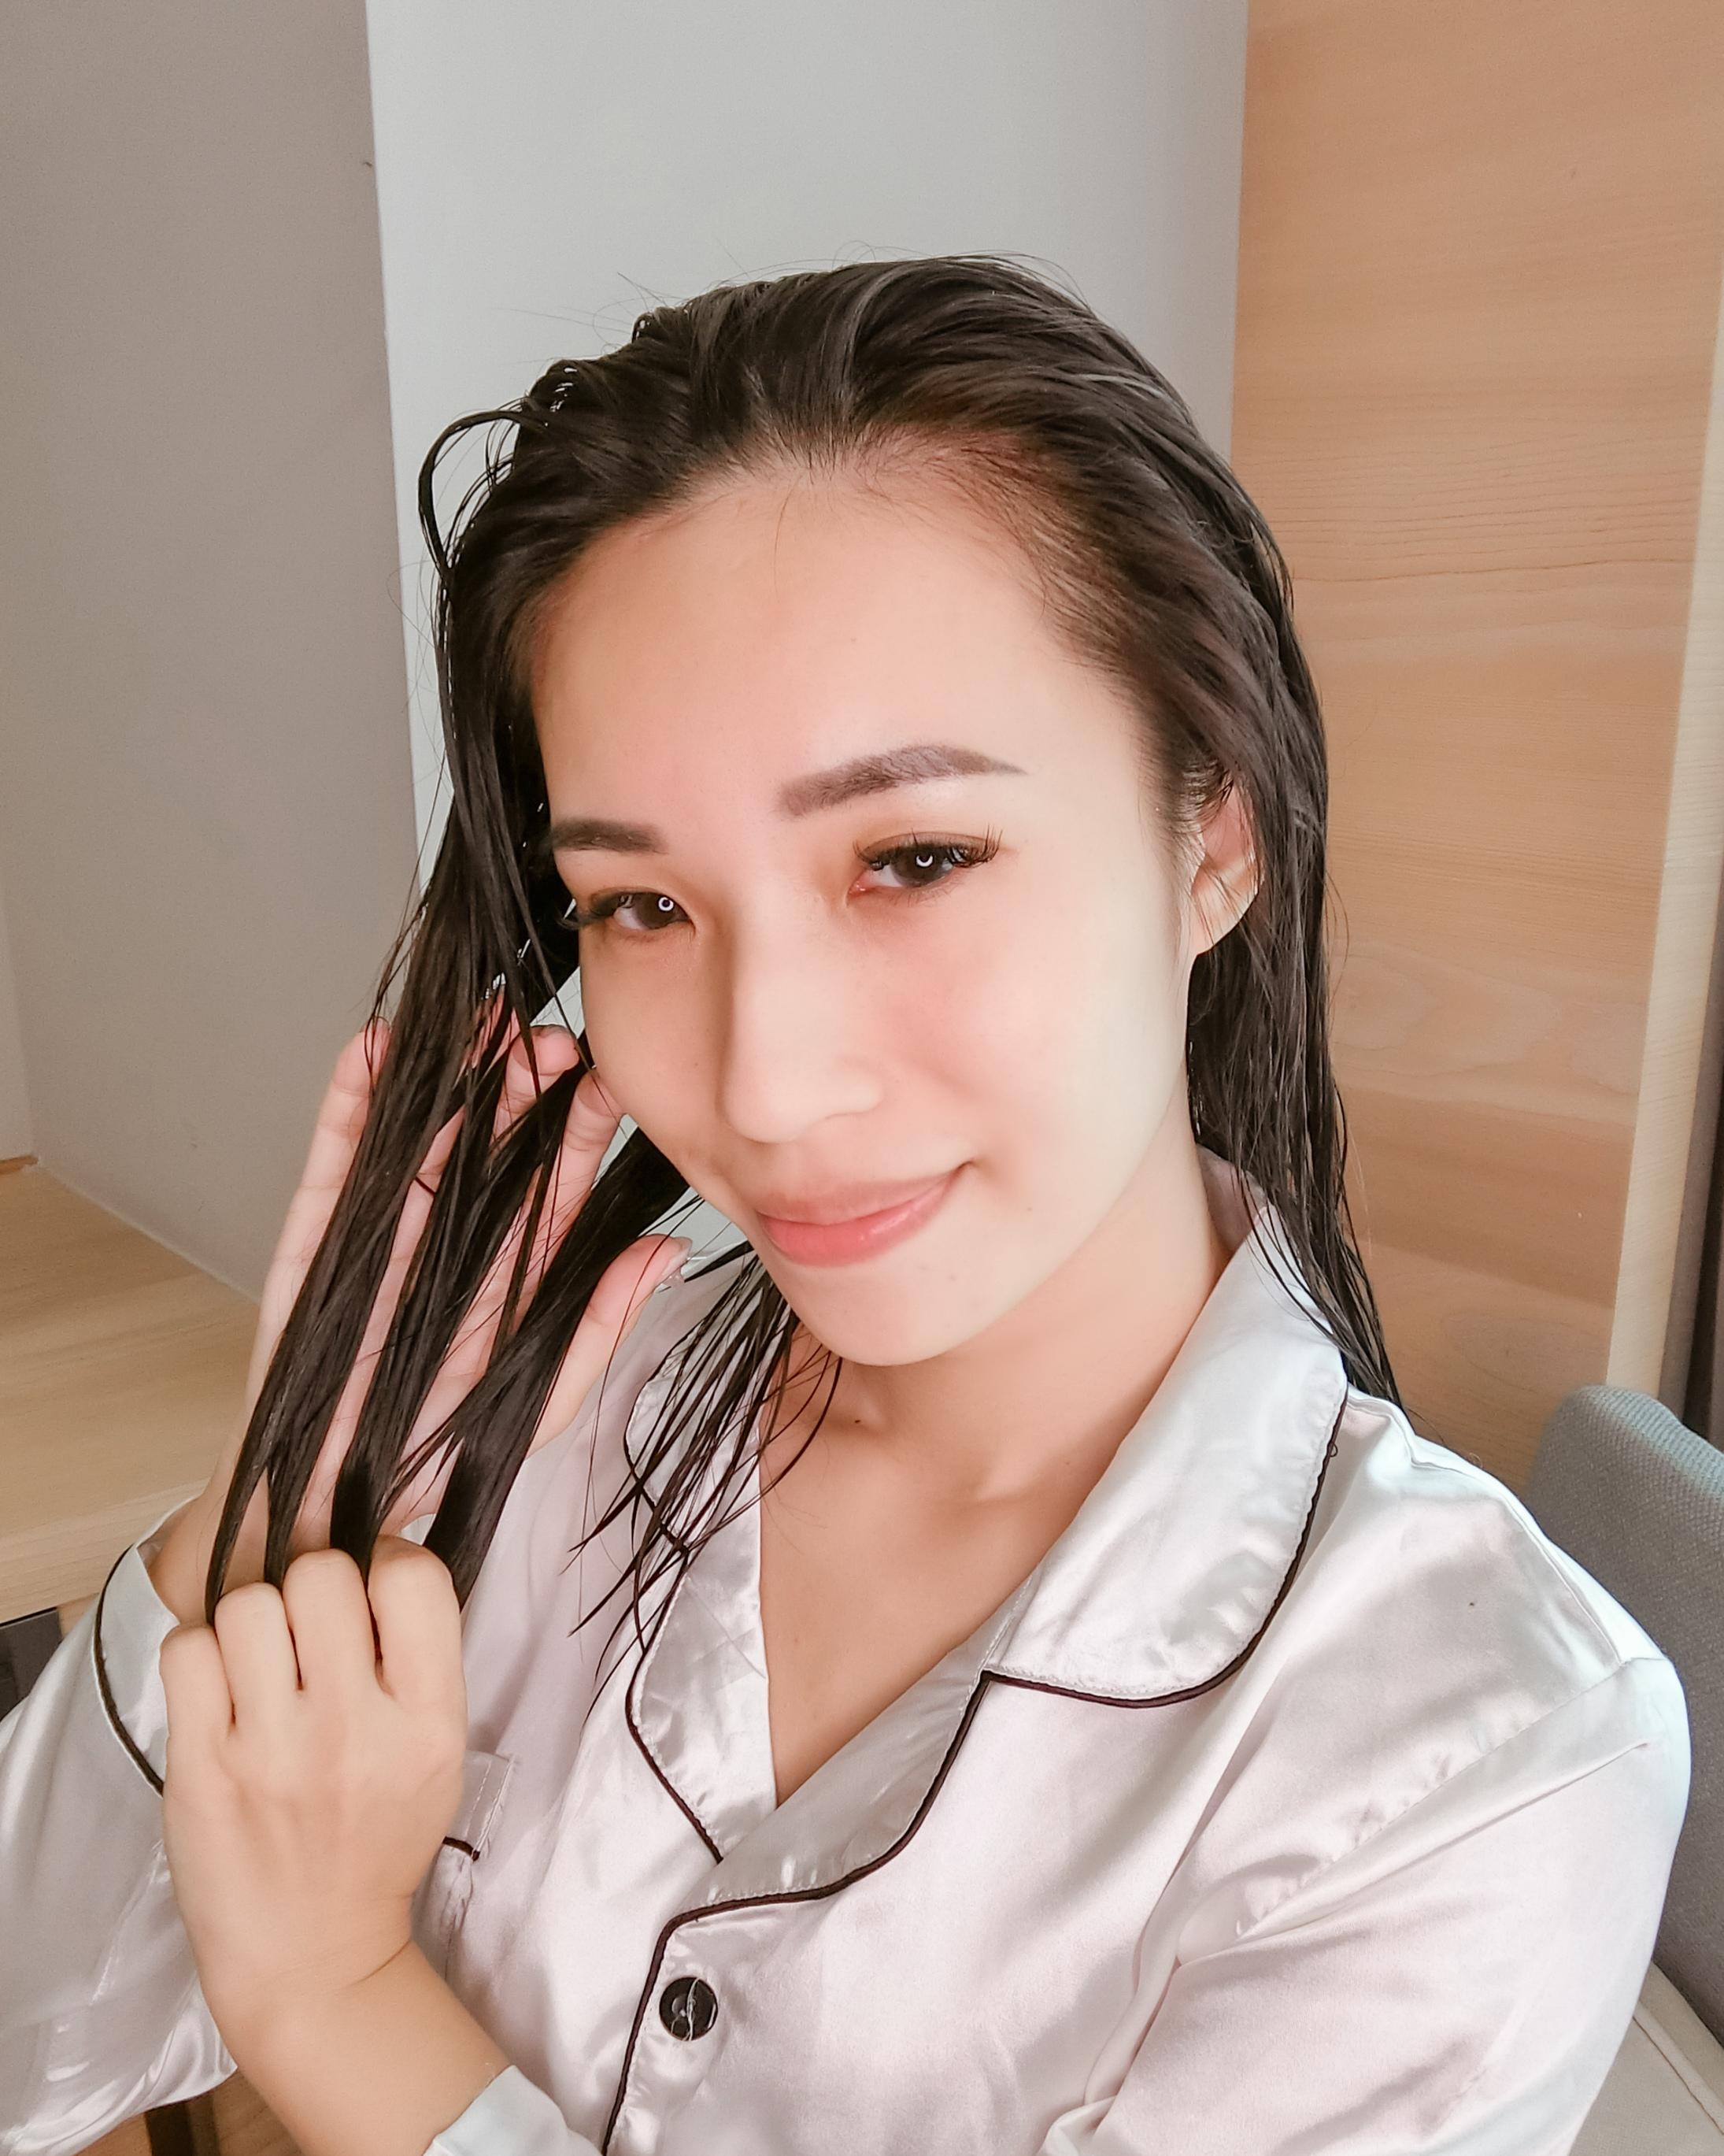 髮況皇后 LIKEY 萊客 洗髮精 護髮膜 精華露 打造輕柔秀髮三步驟15.JPG